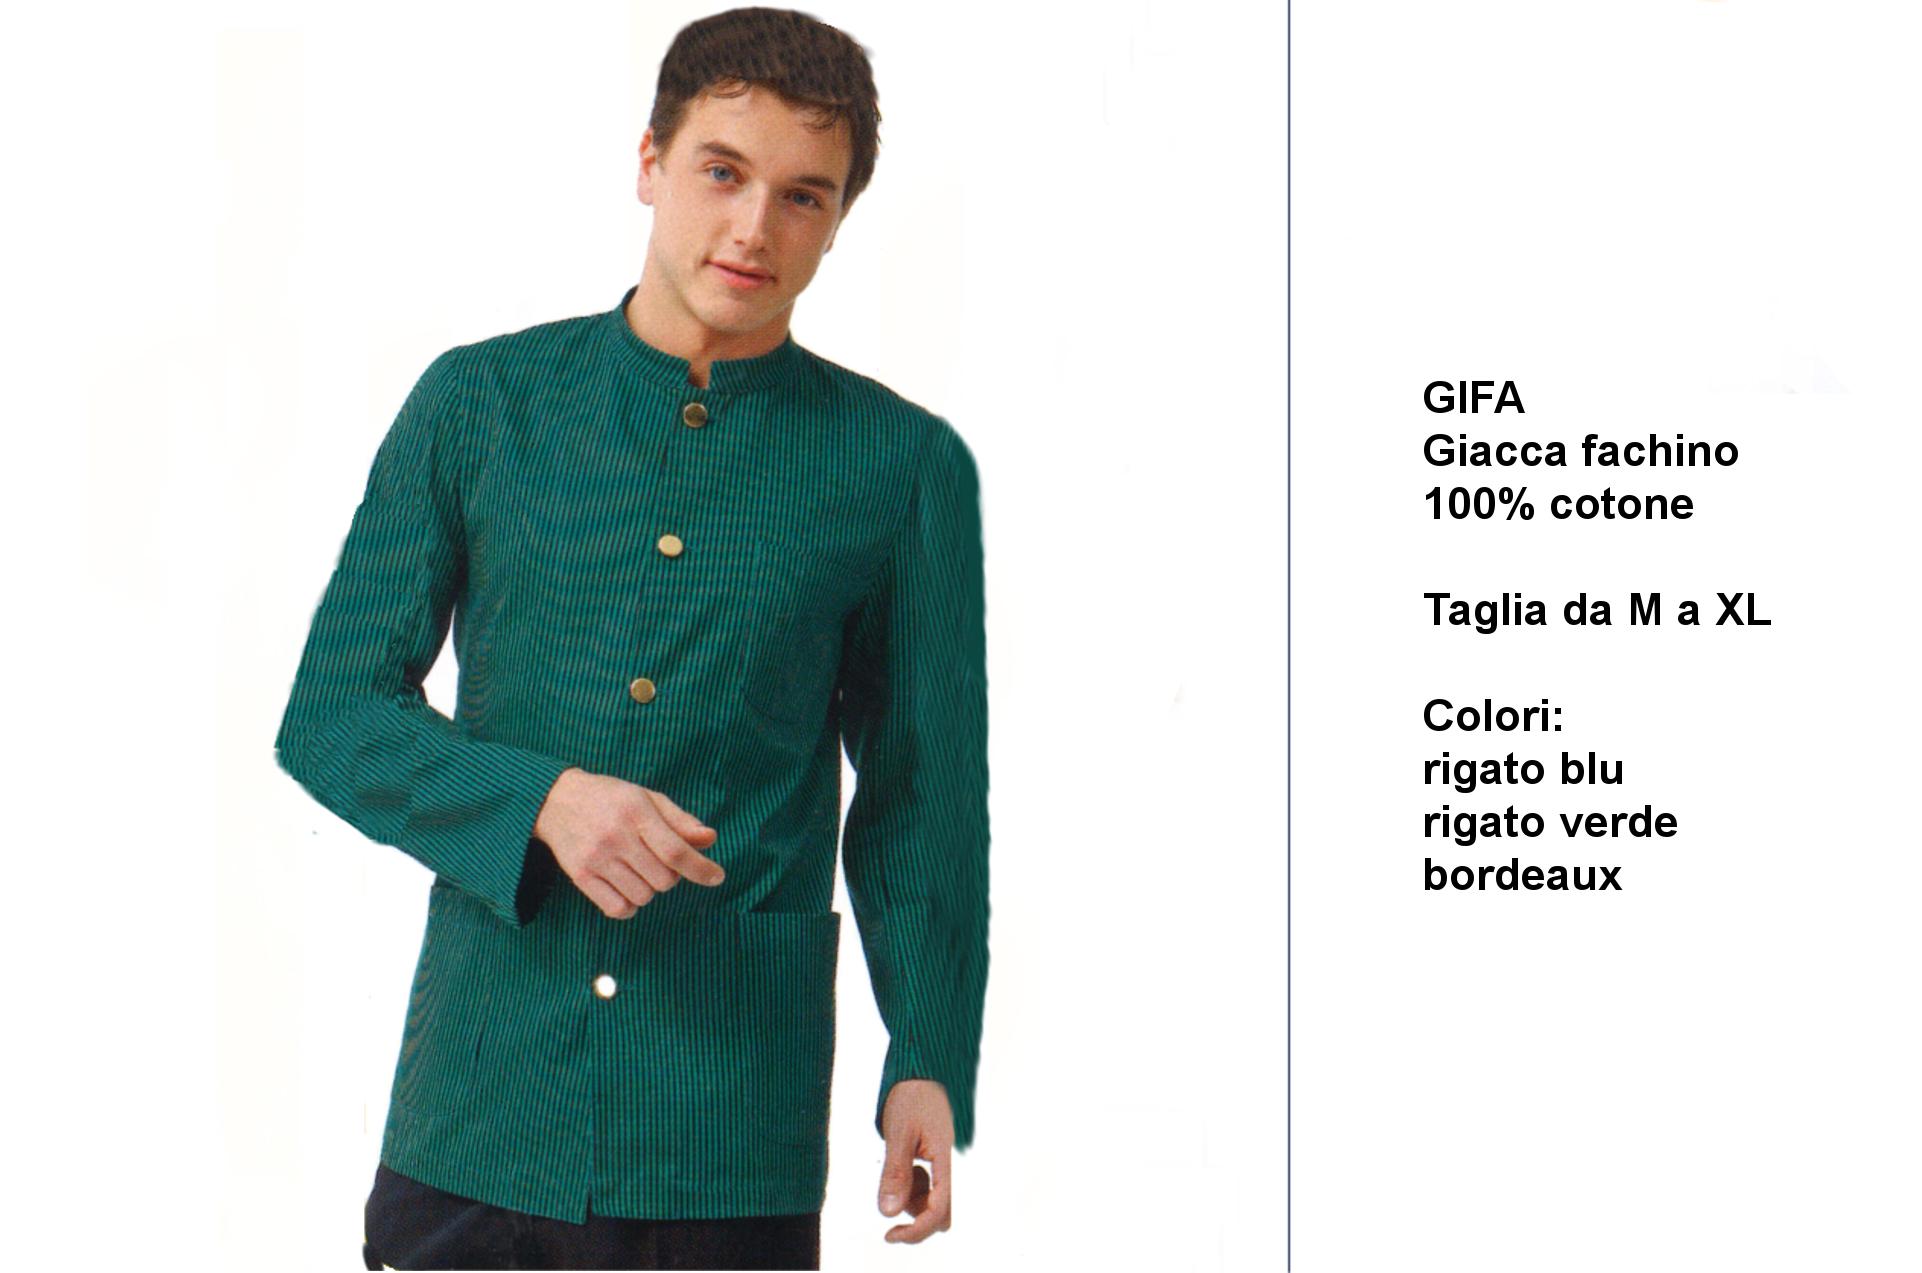 Creativity abiti per baristi-camerieri  receptionist-hostess-barman-barmaid-waiters- La giacca da facchino in rigato  verde ... 7a55a270c81